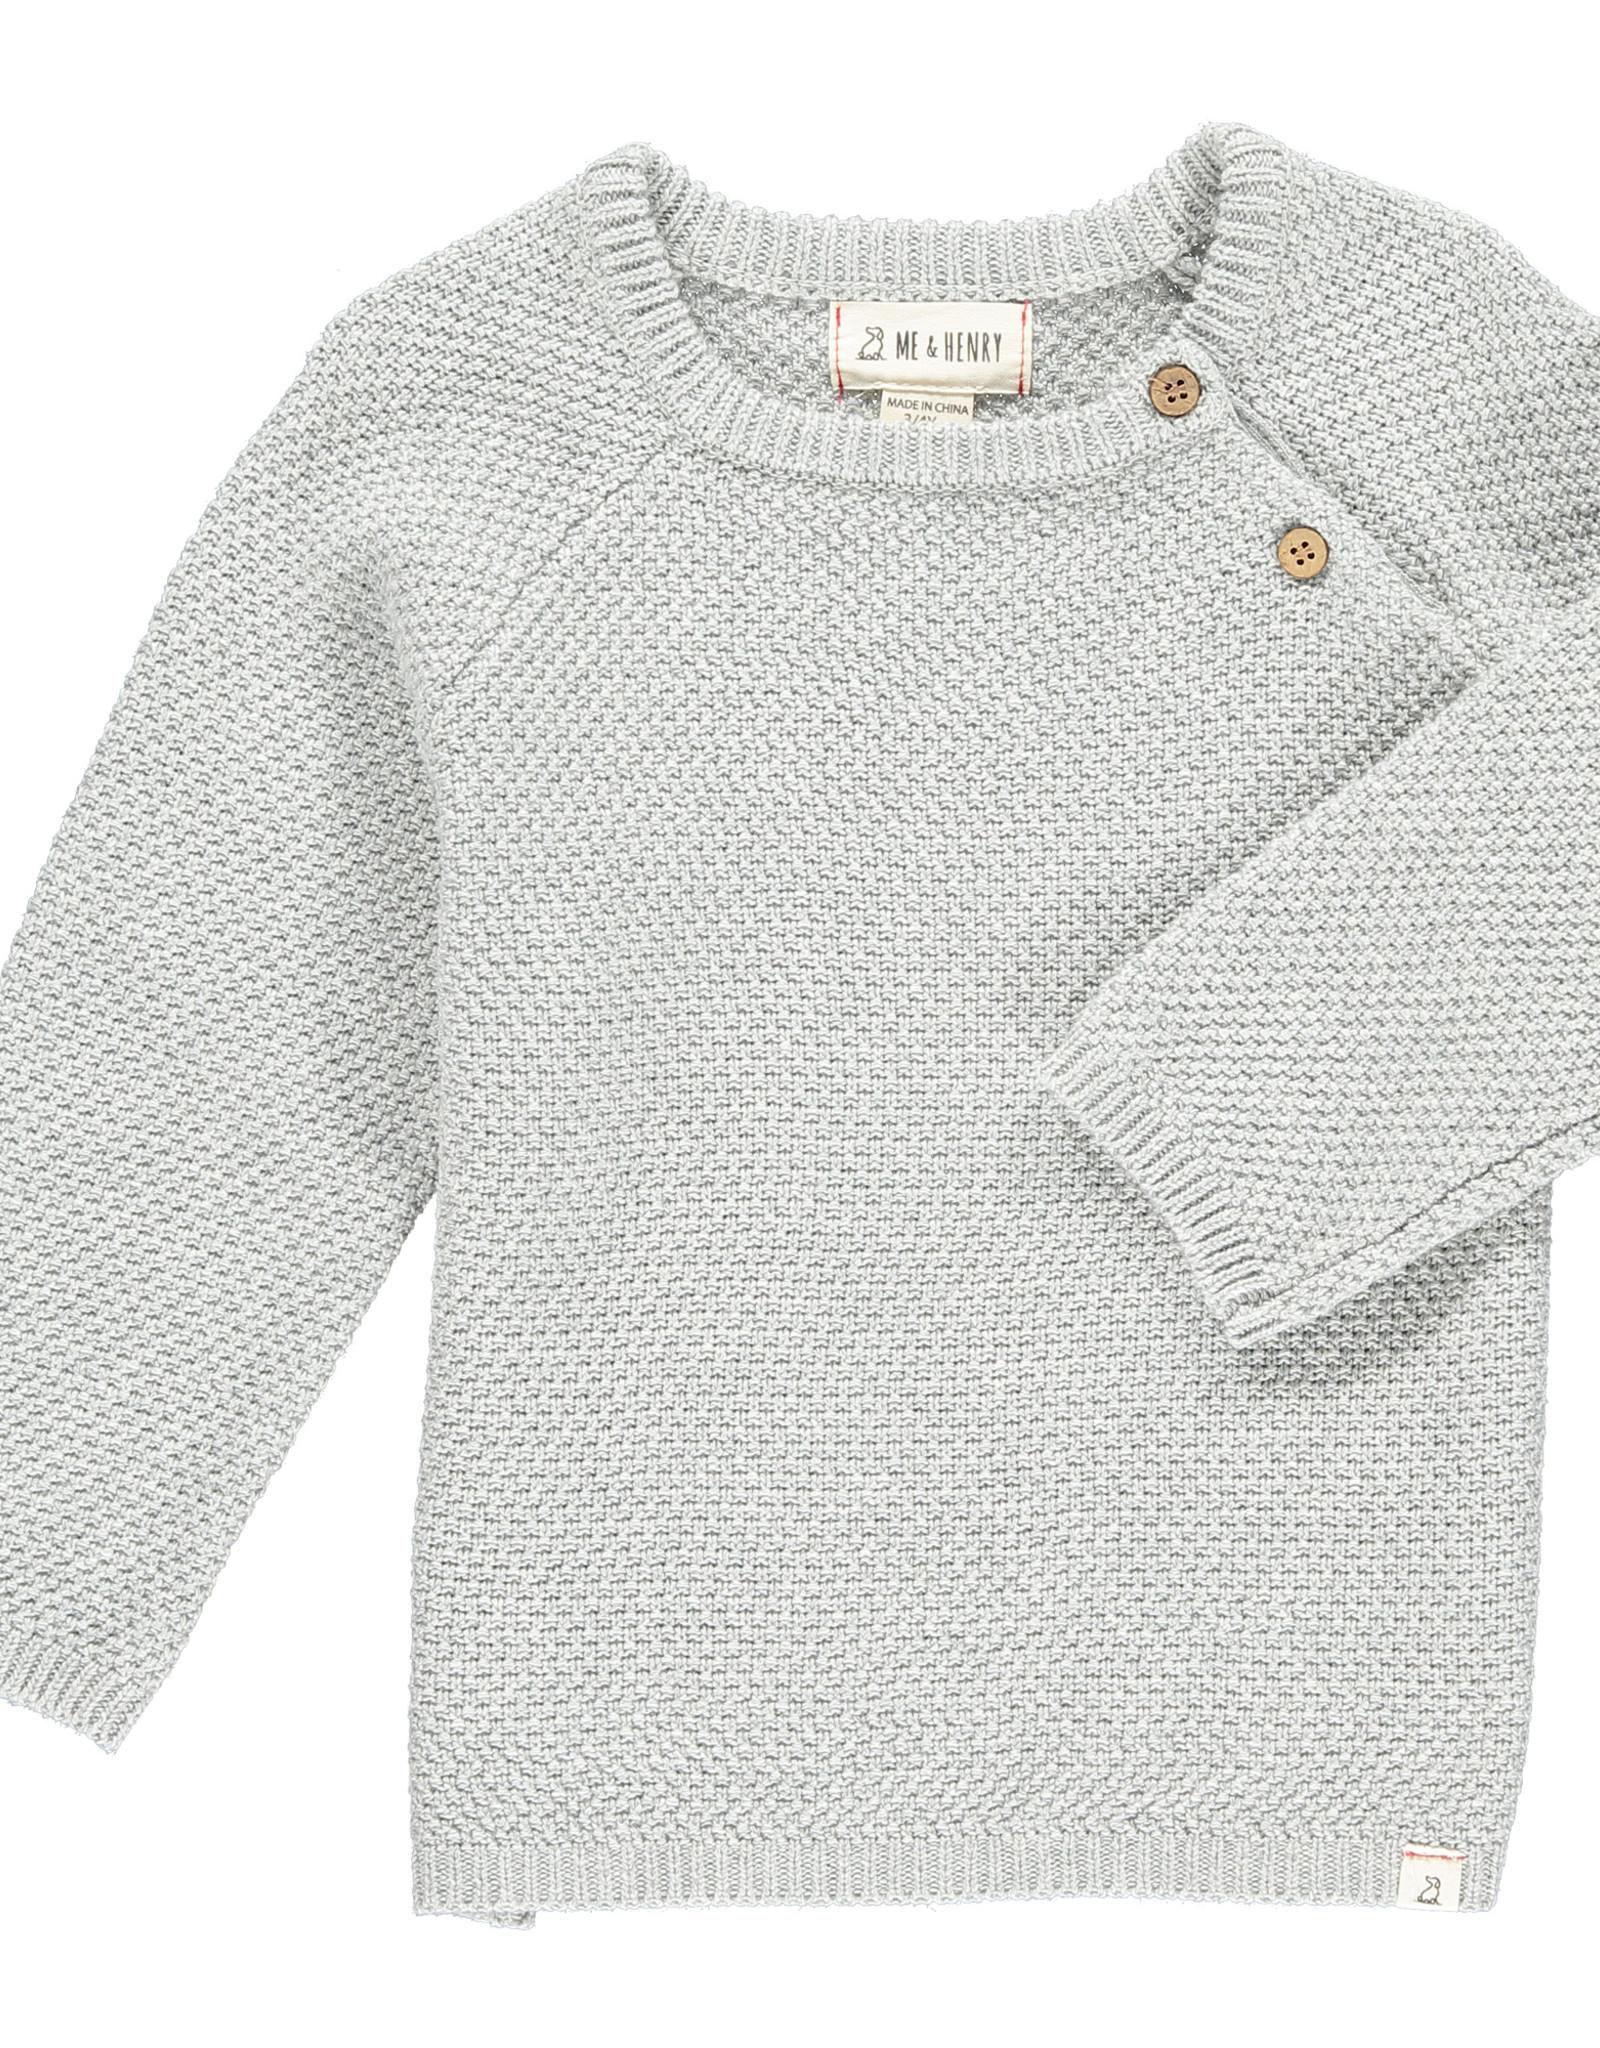 Me & Henry roan sweater- grey